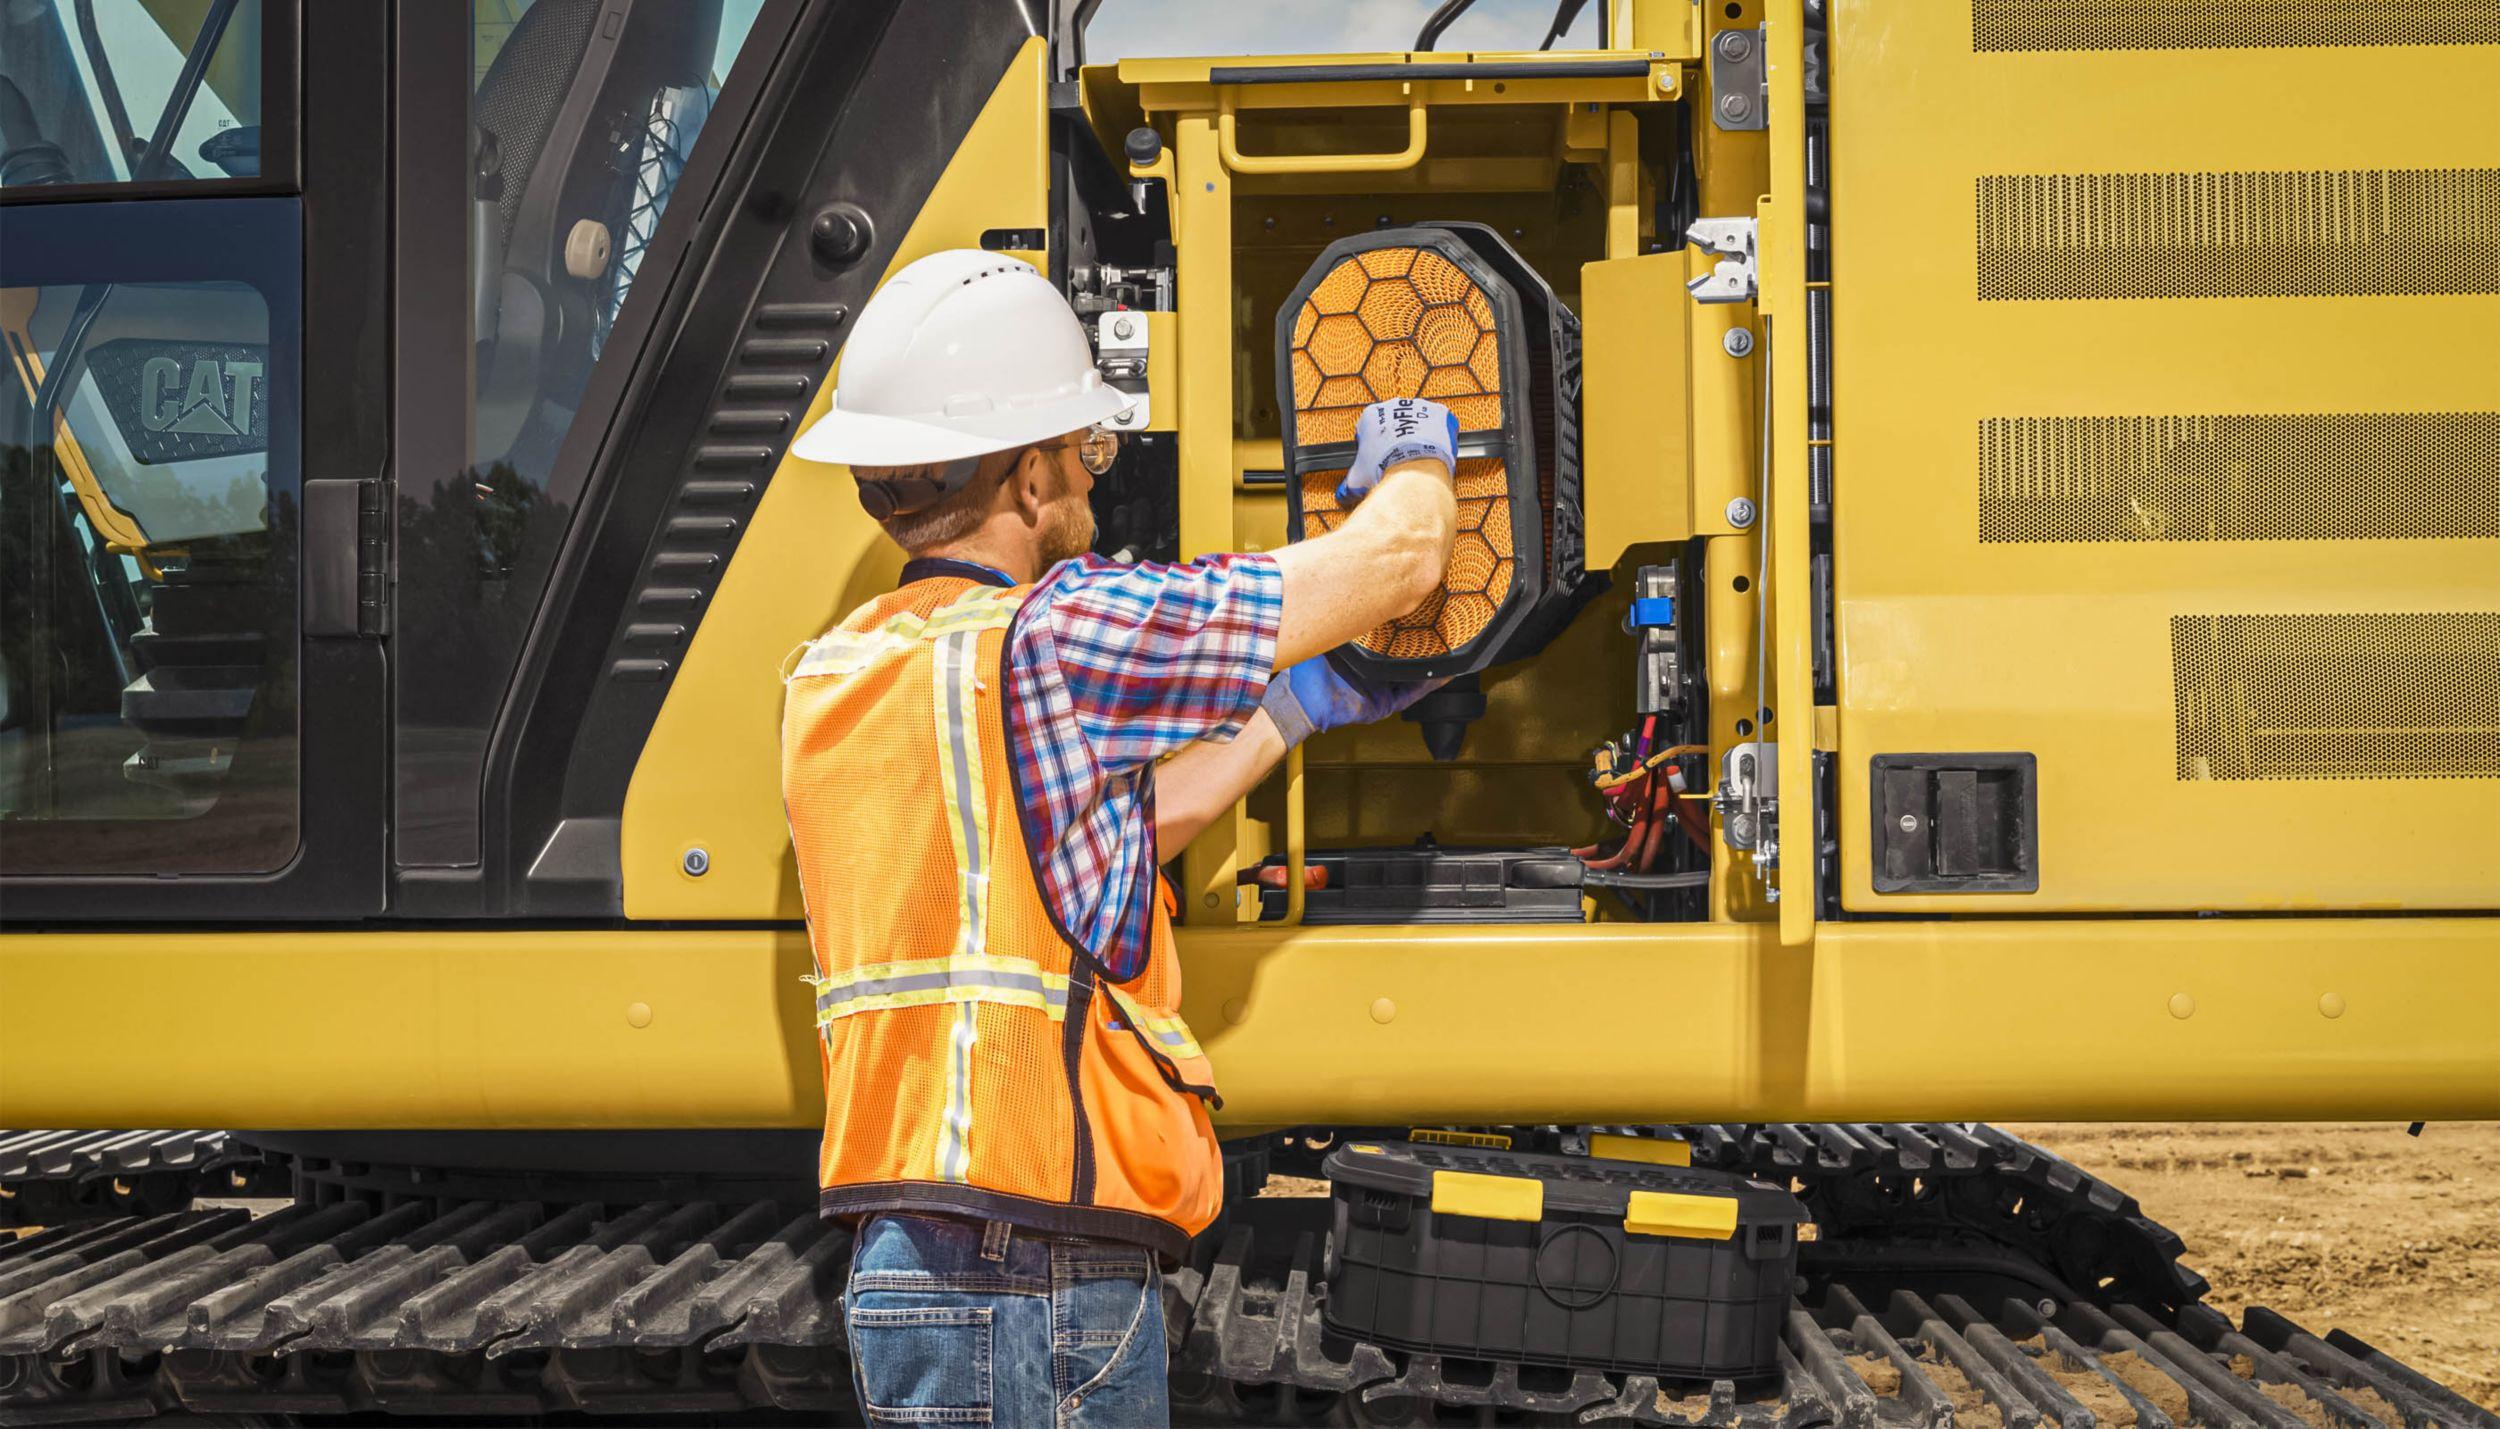 Cat   330 Hydraulic Excavator   Caterpillar